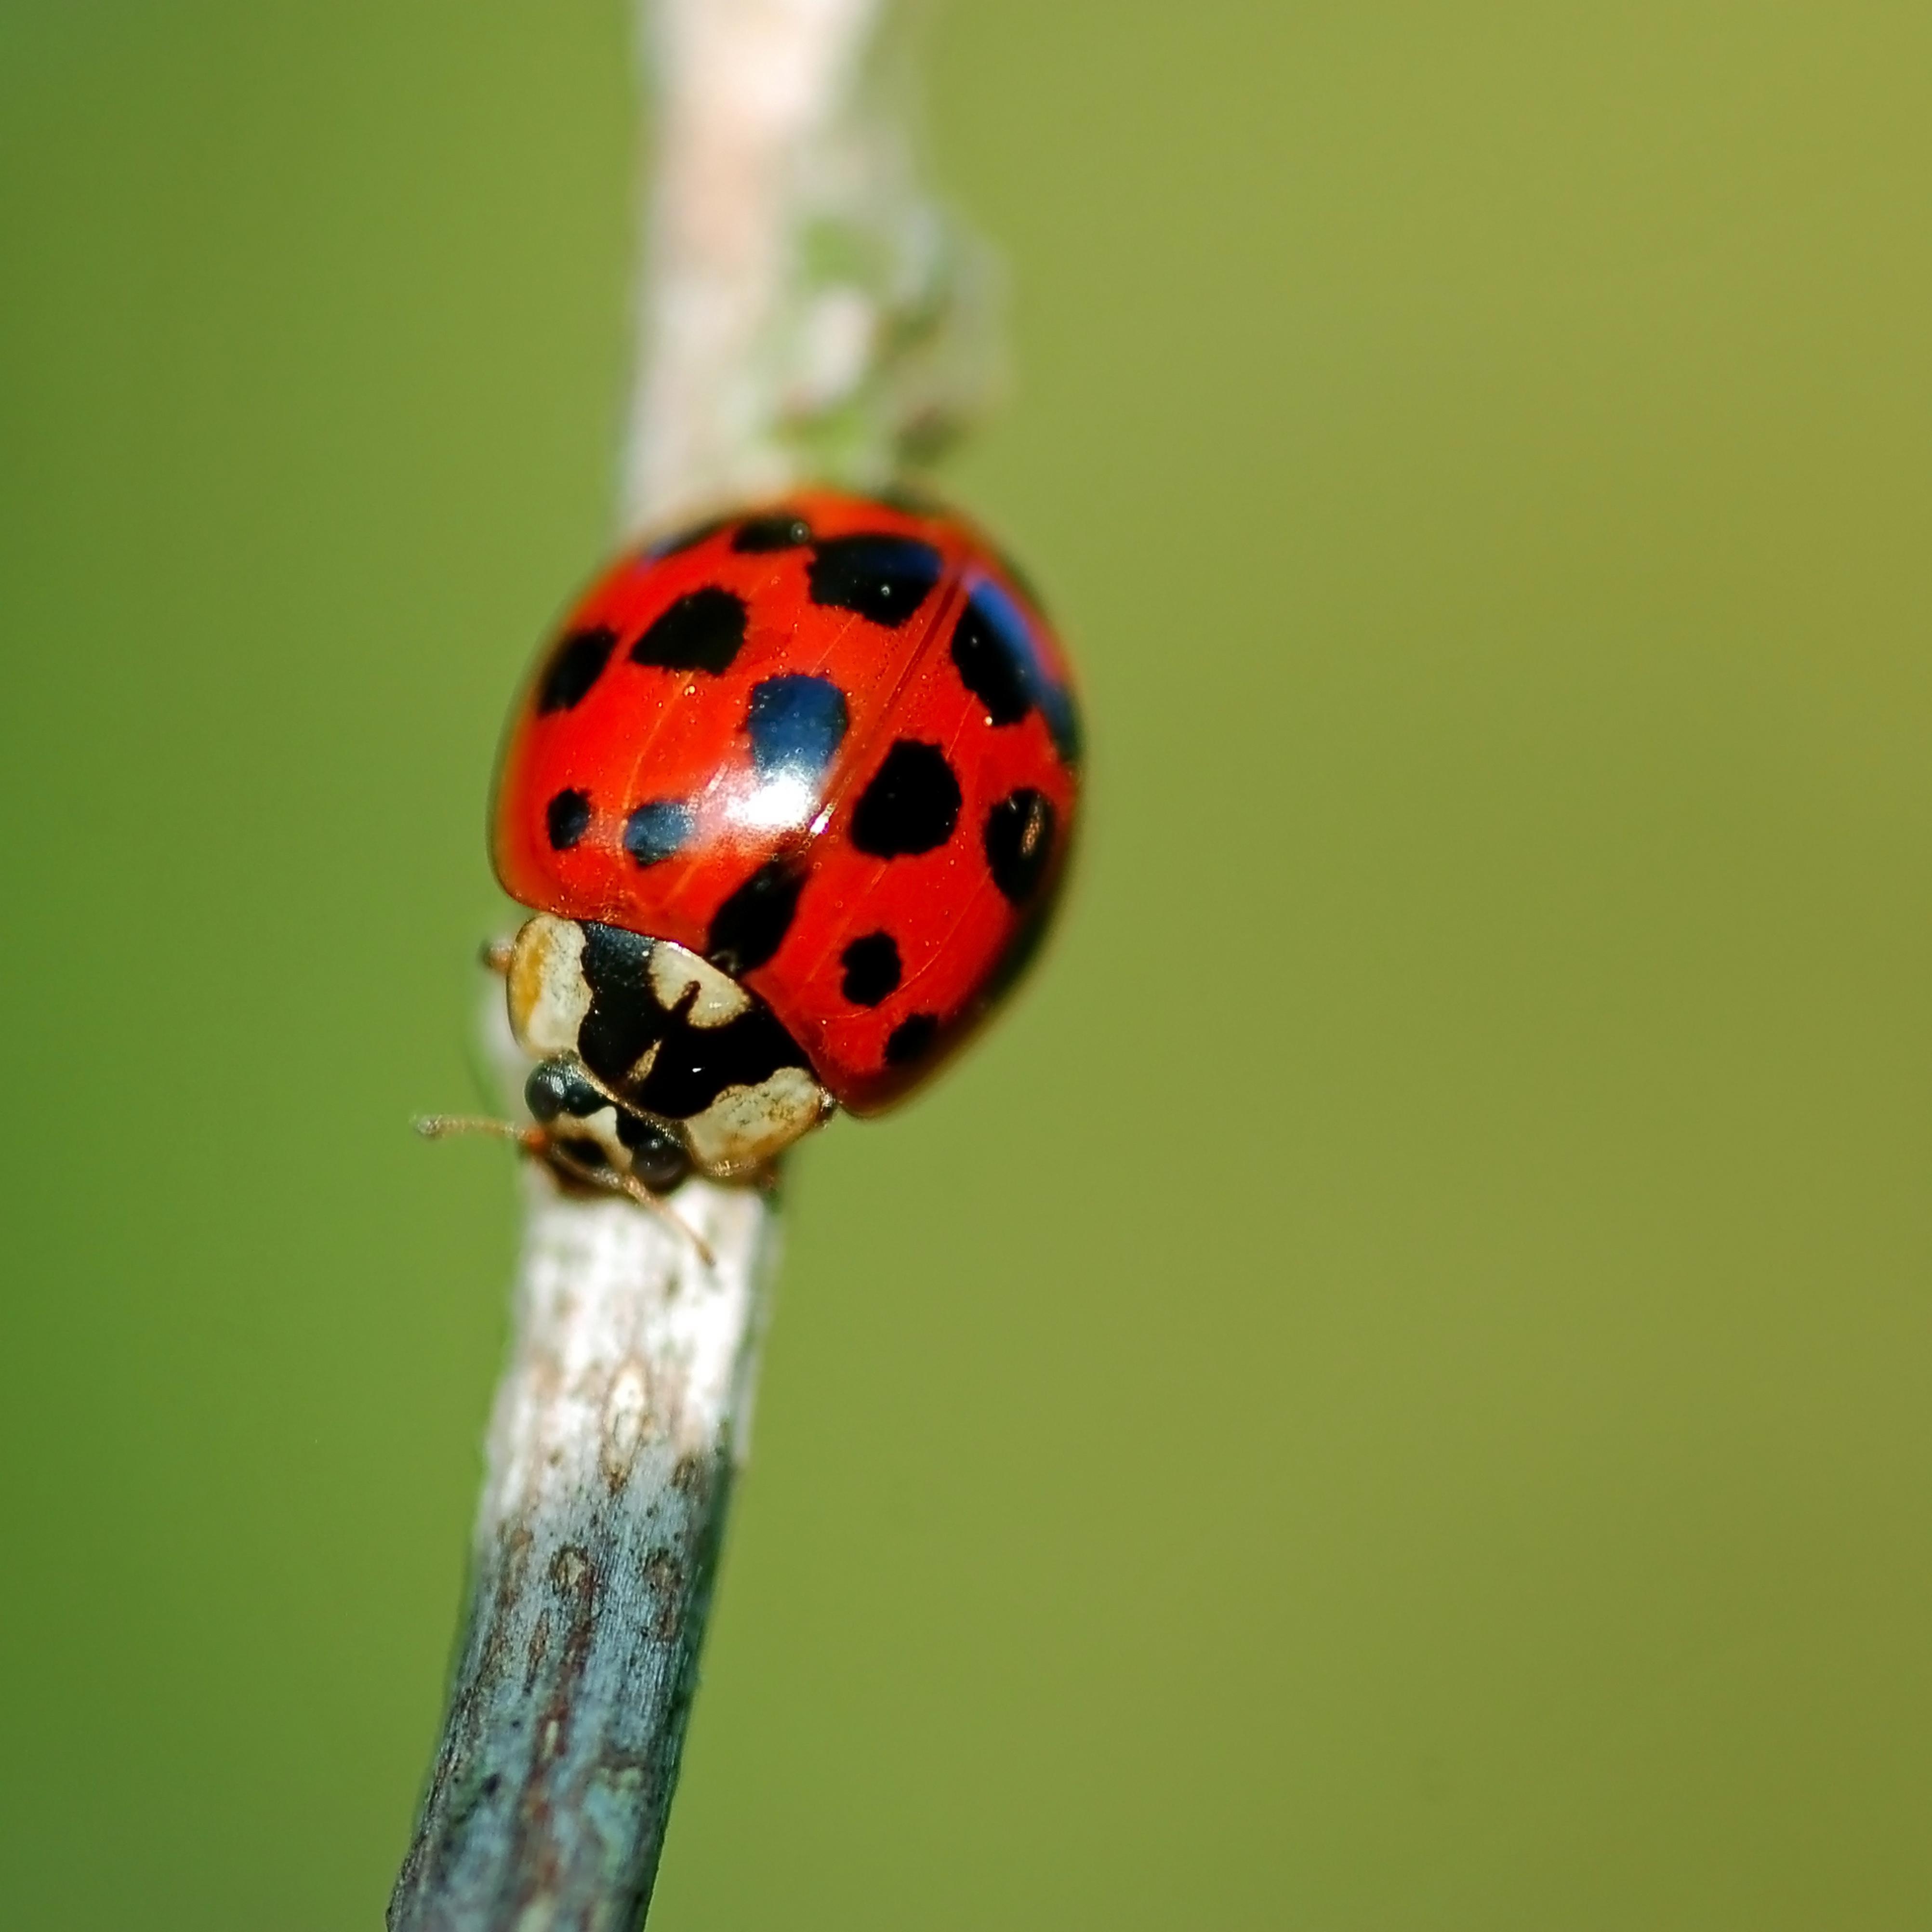 Harlequin ladybird: (c) Shutterstock